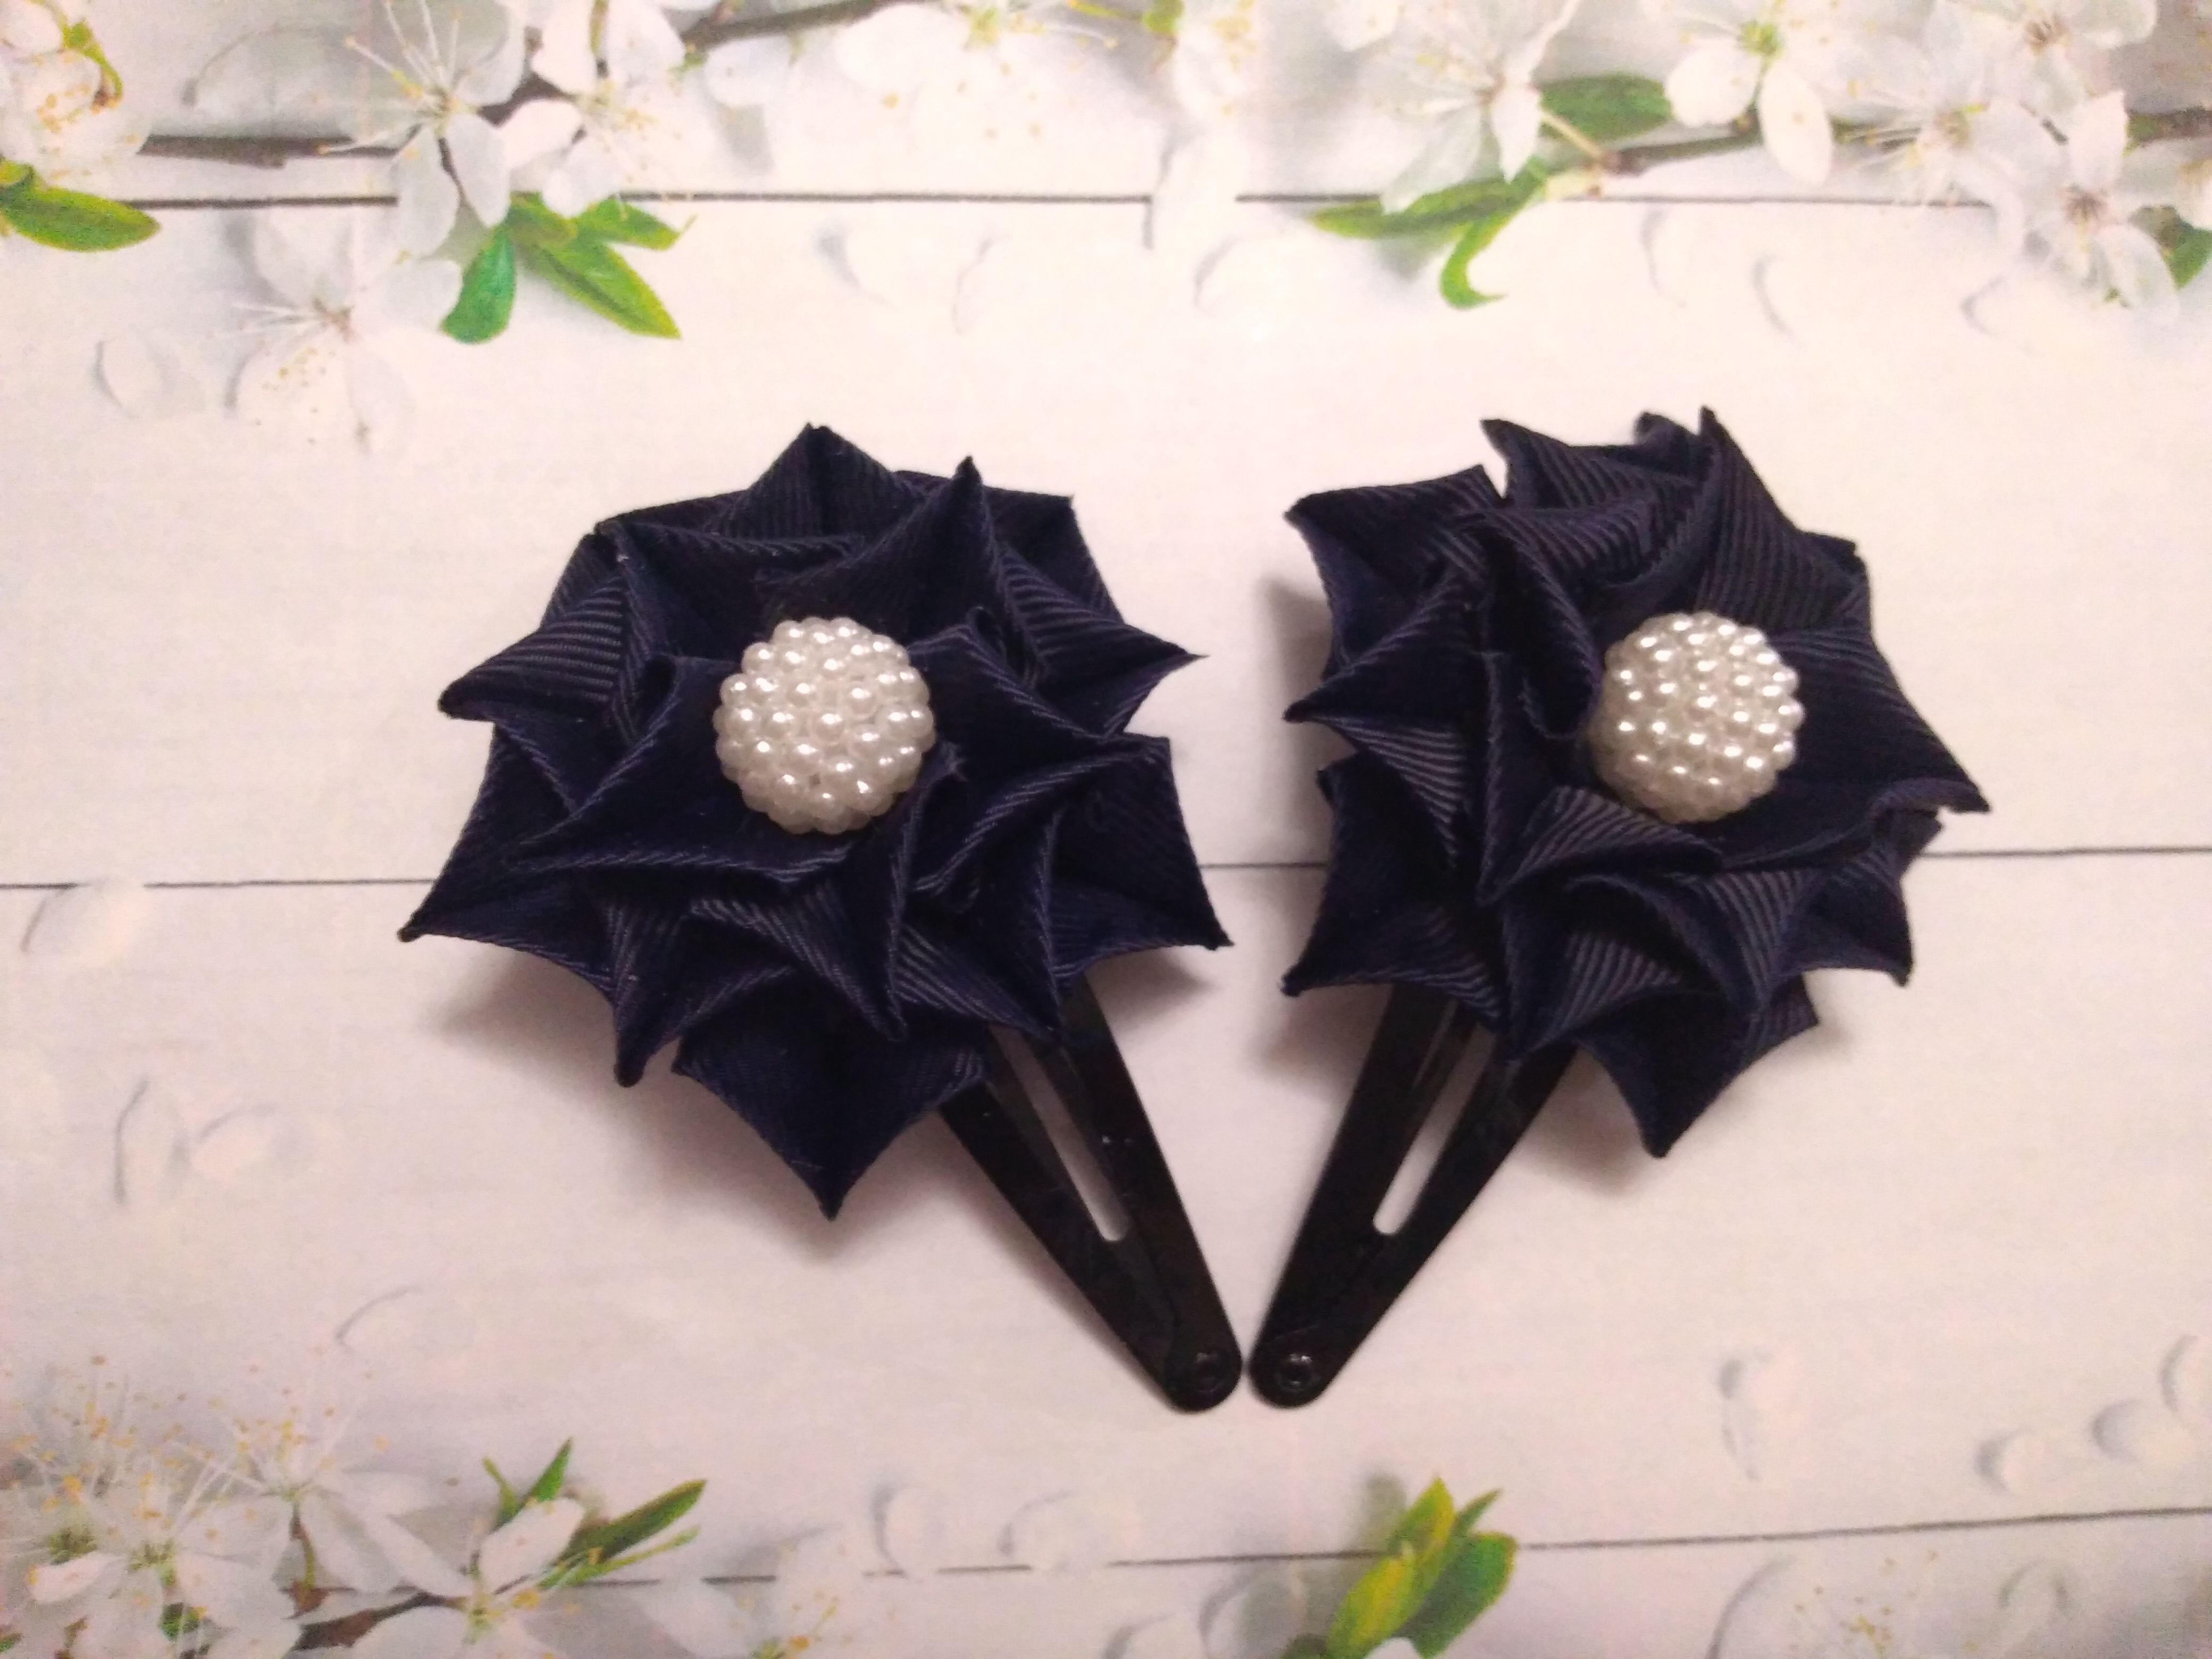 резиночки handmade волос для украшение повязка заколка ободочки голову подарок ручнаяработа